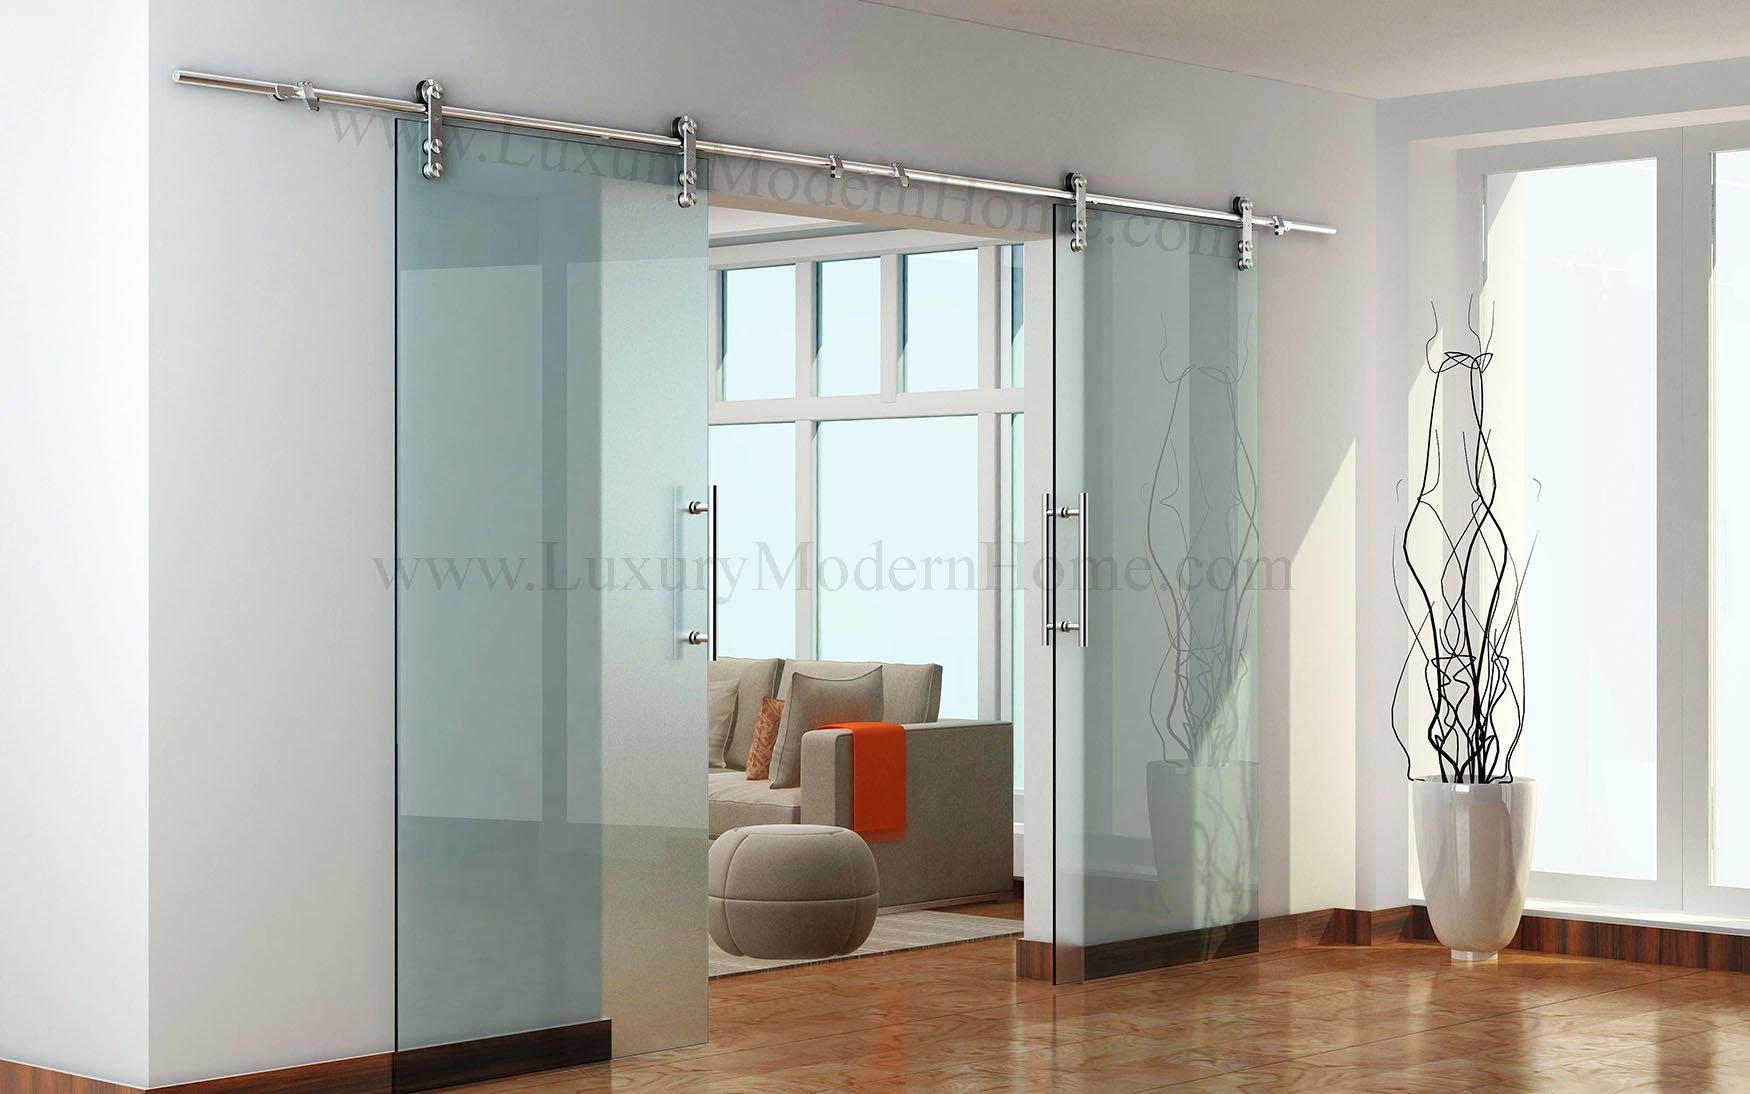 BERLIN - 2.5M - DOUBLE Sliding Glass Door Hardware (100'' opening - Max 2 - 50'' doors) by LuxuryModernHome.com (Image #1)